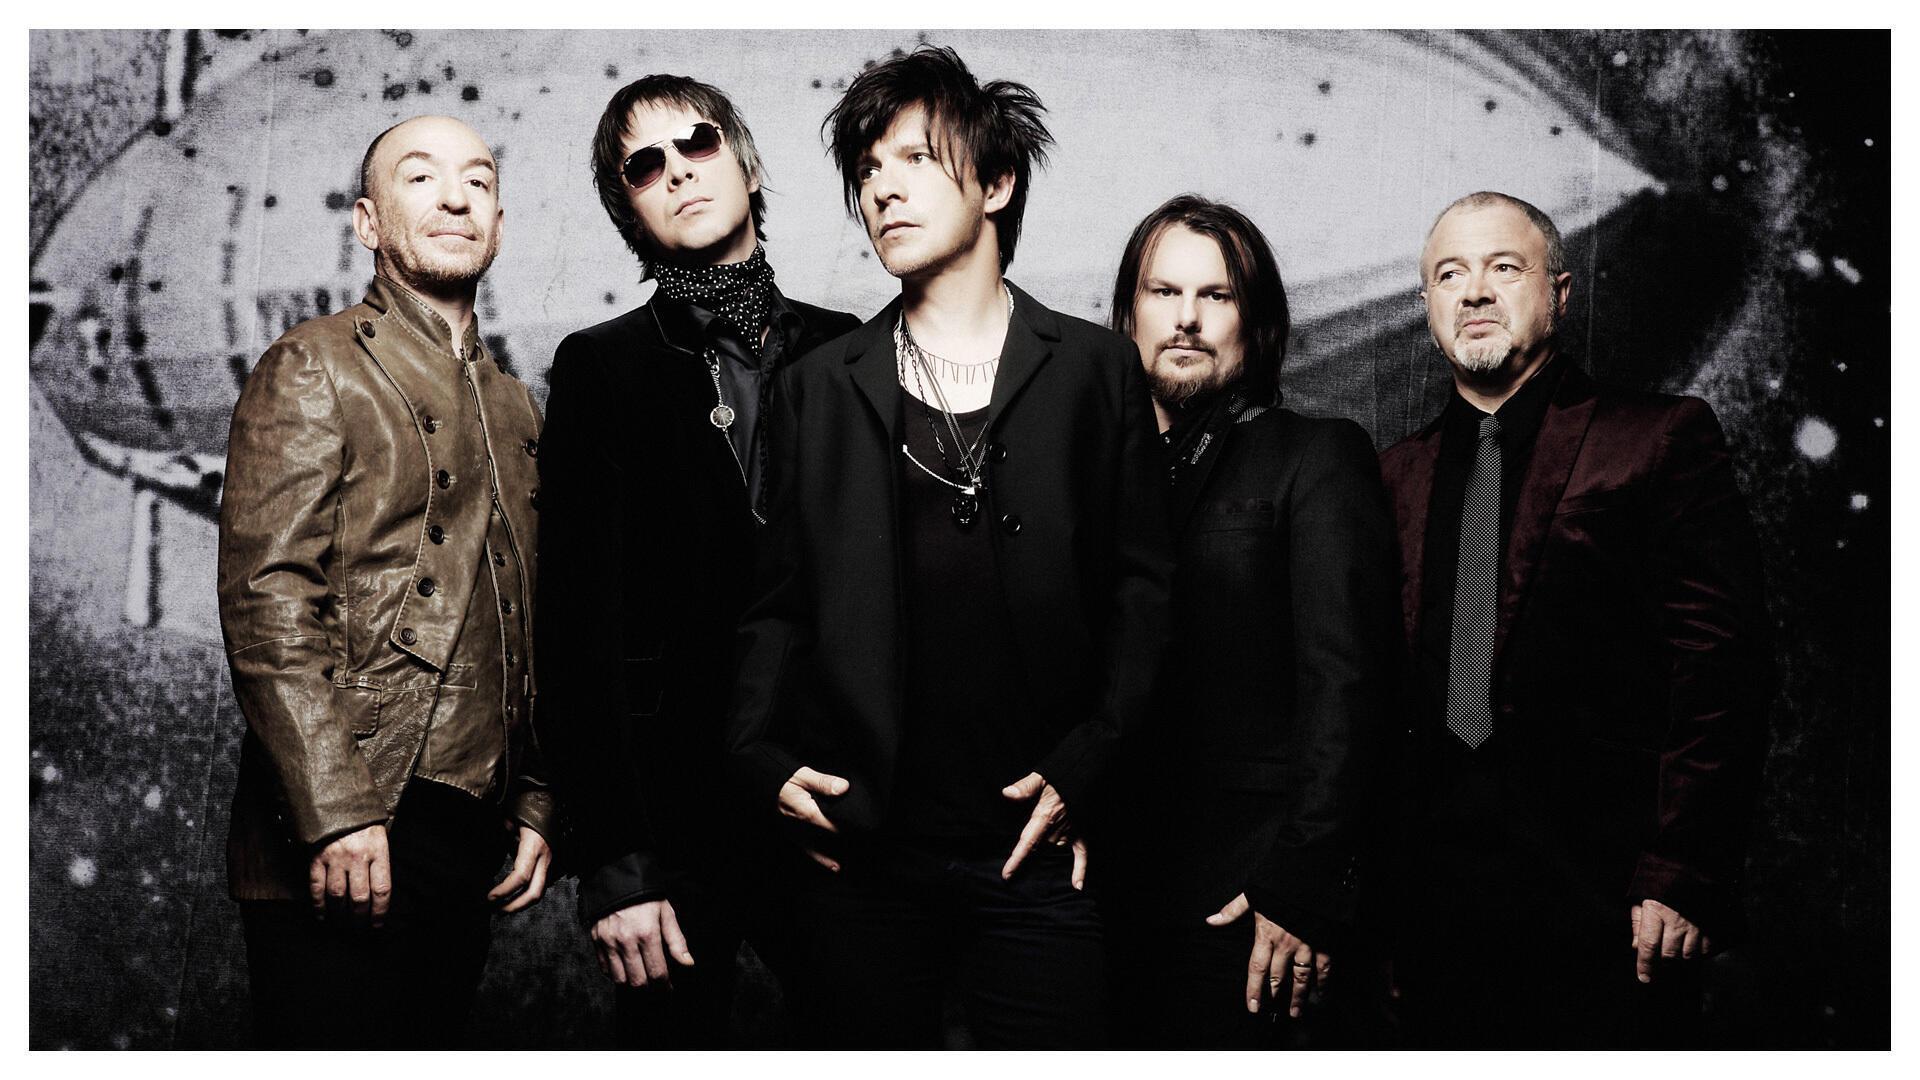 El grupo francés 'Indochine' fue fundado en 1981 por Nicola Sirkis (centro), cantante y líder del equipo.